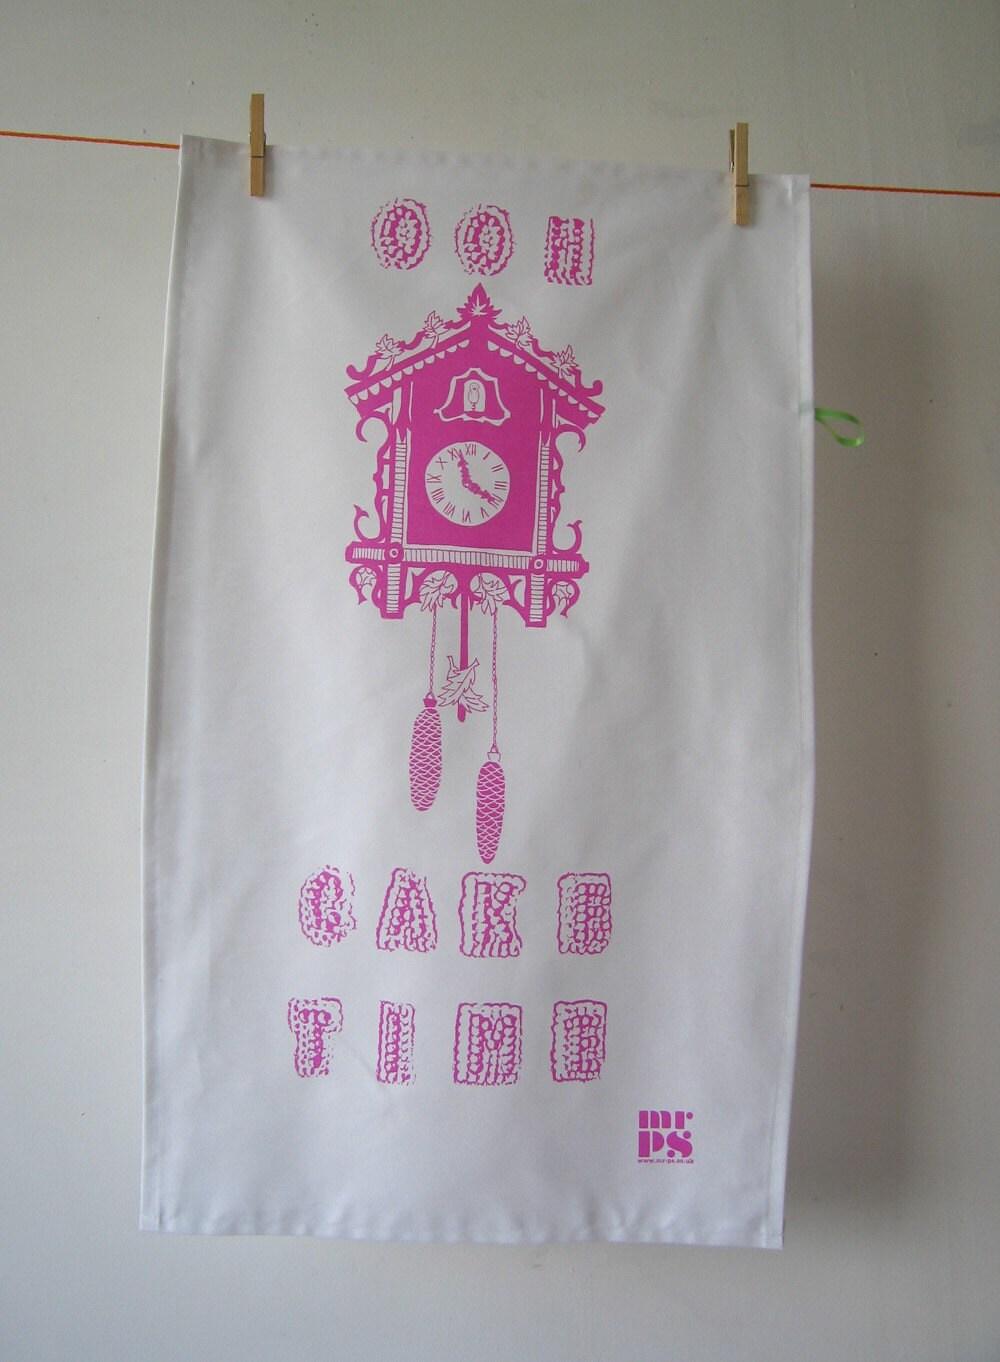 Cake Time tea towel - cerise